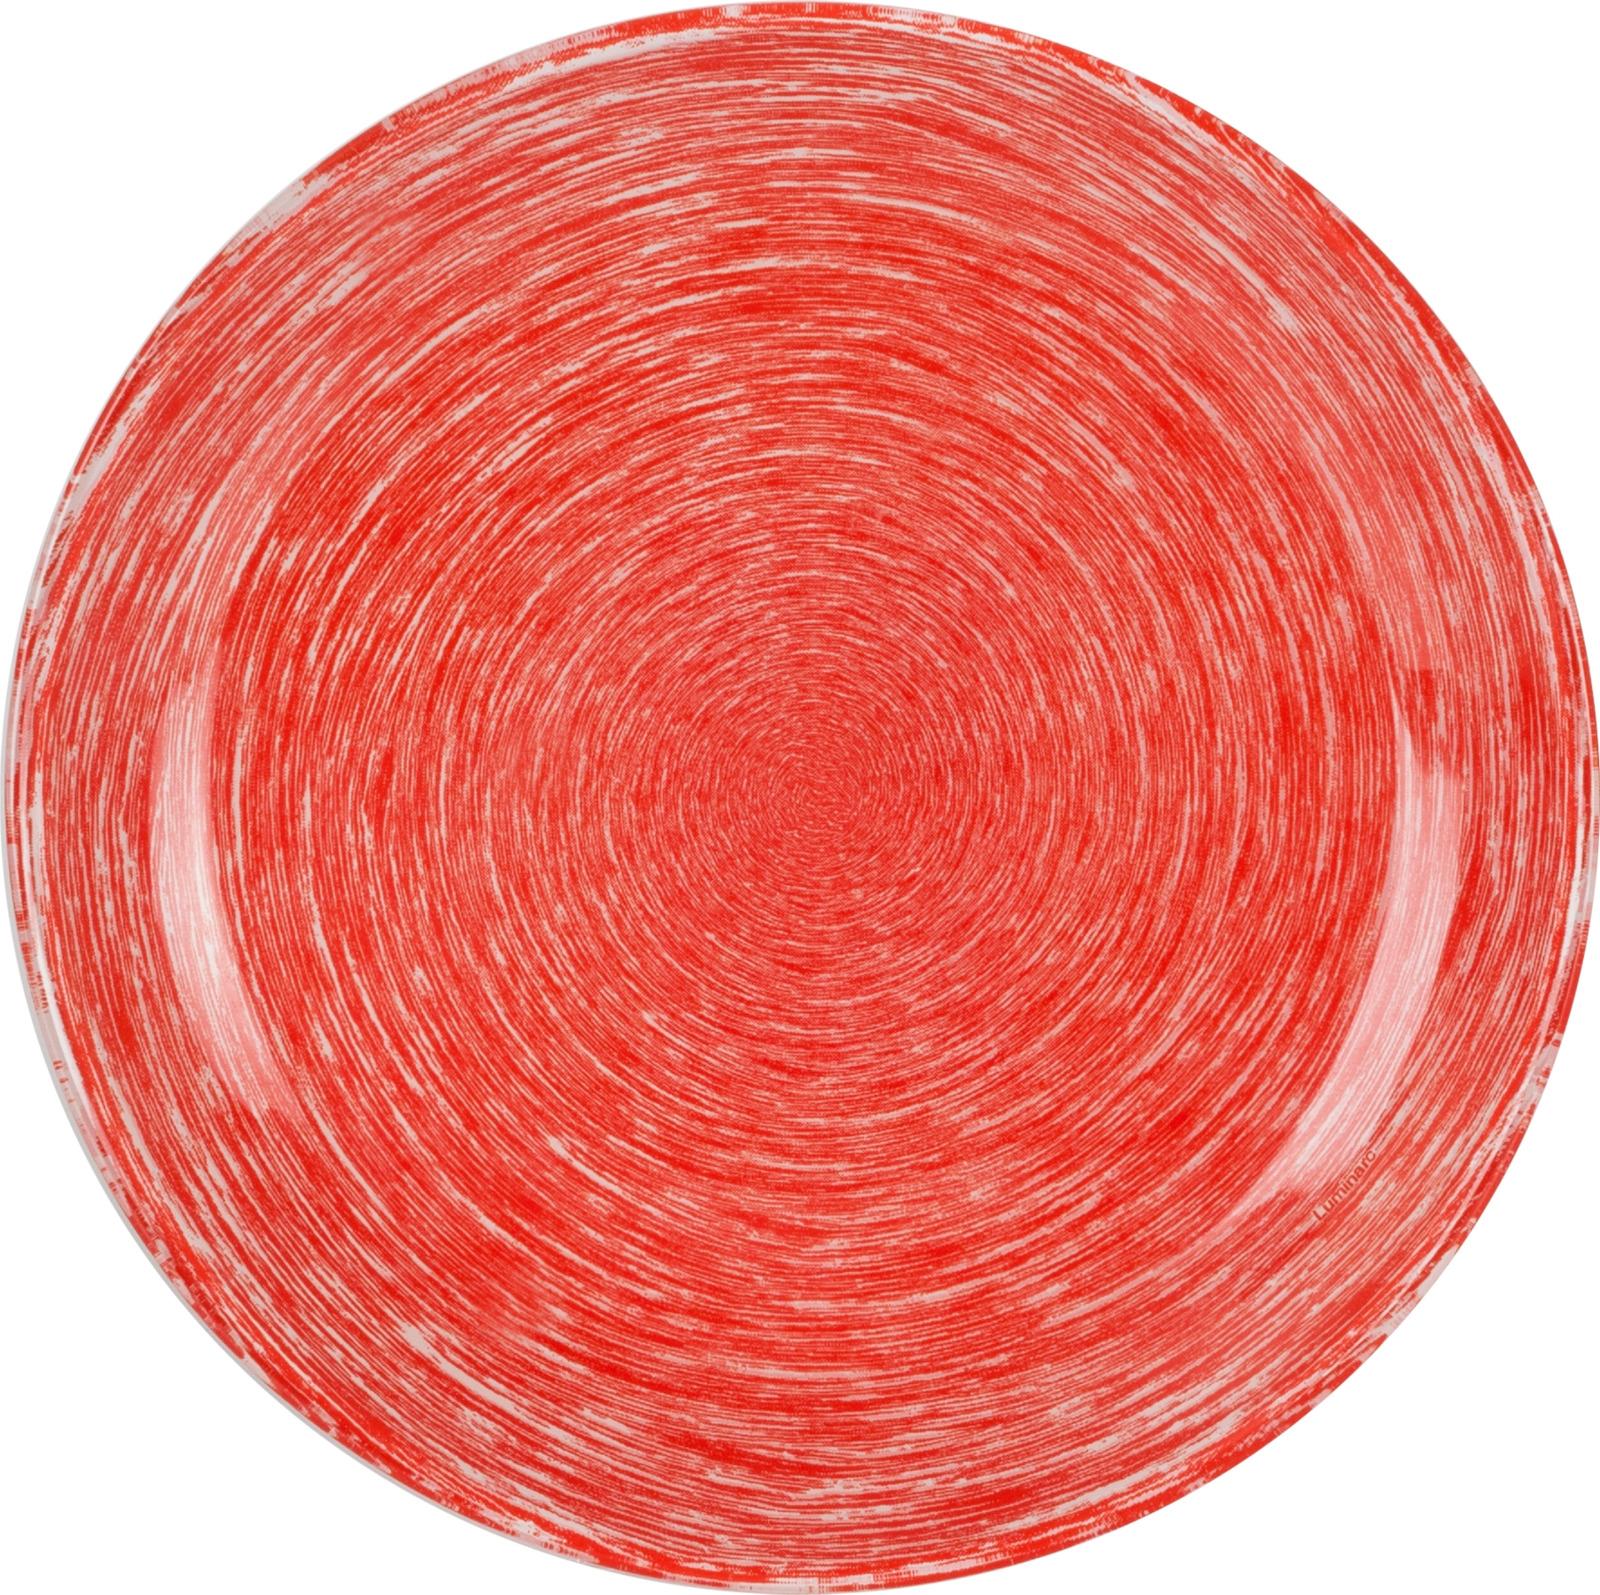 Тарелка десертная Luminarc Брашмания, P1380, красный, диаметр 20.5 см тарелка суповая luminarc brush mania 20 см красный